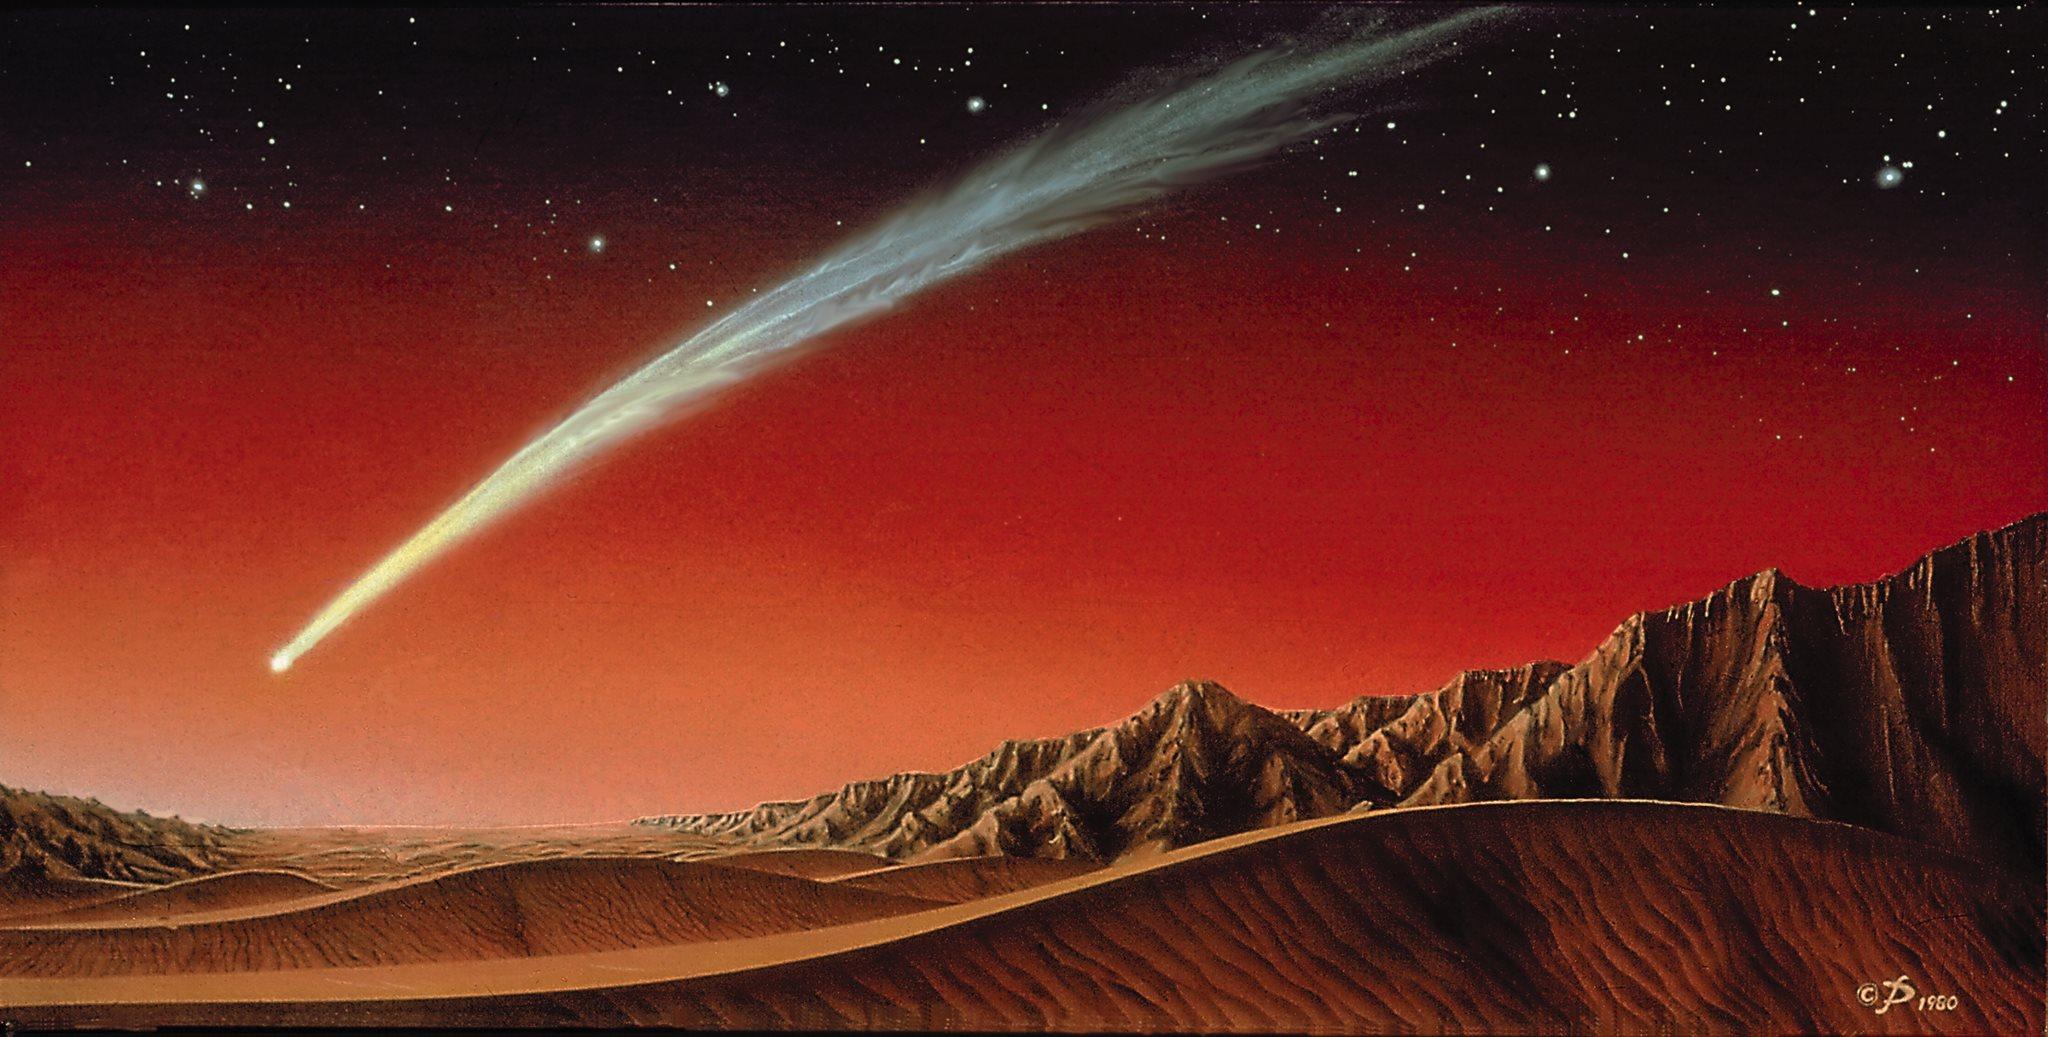 Comet_over_Mars